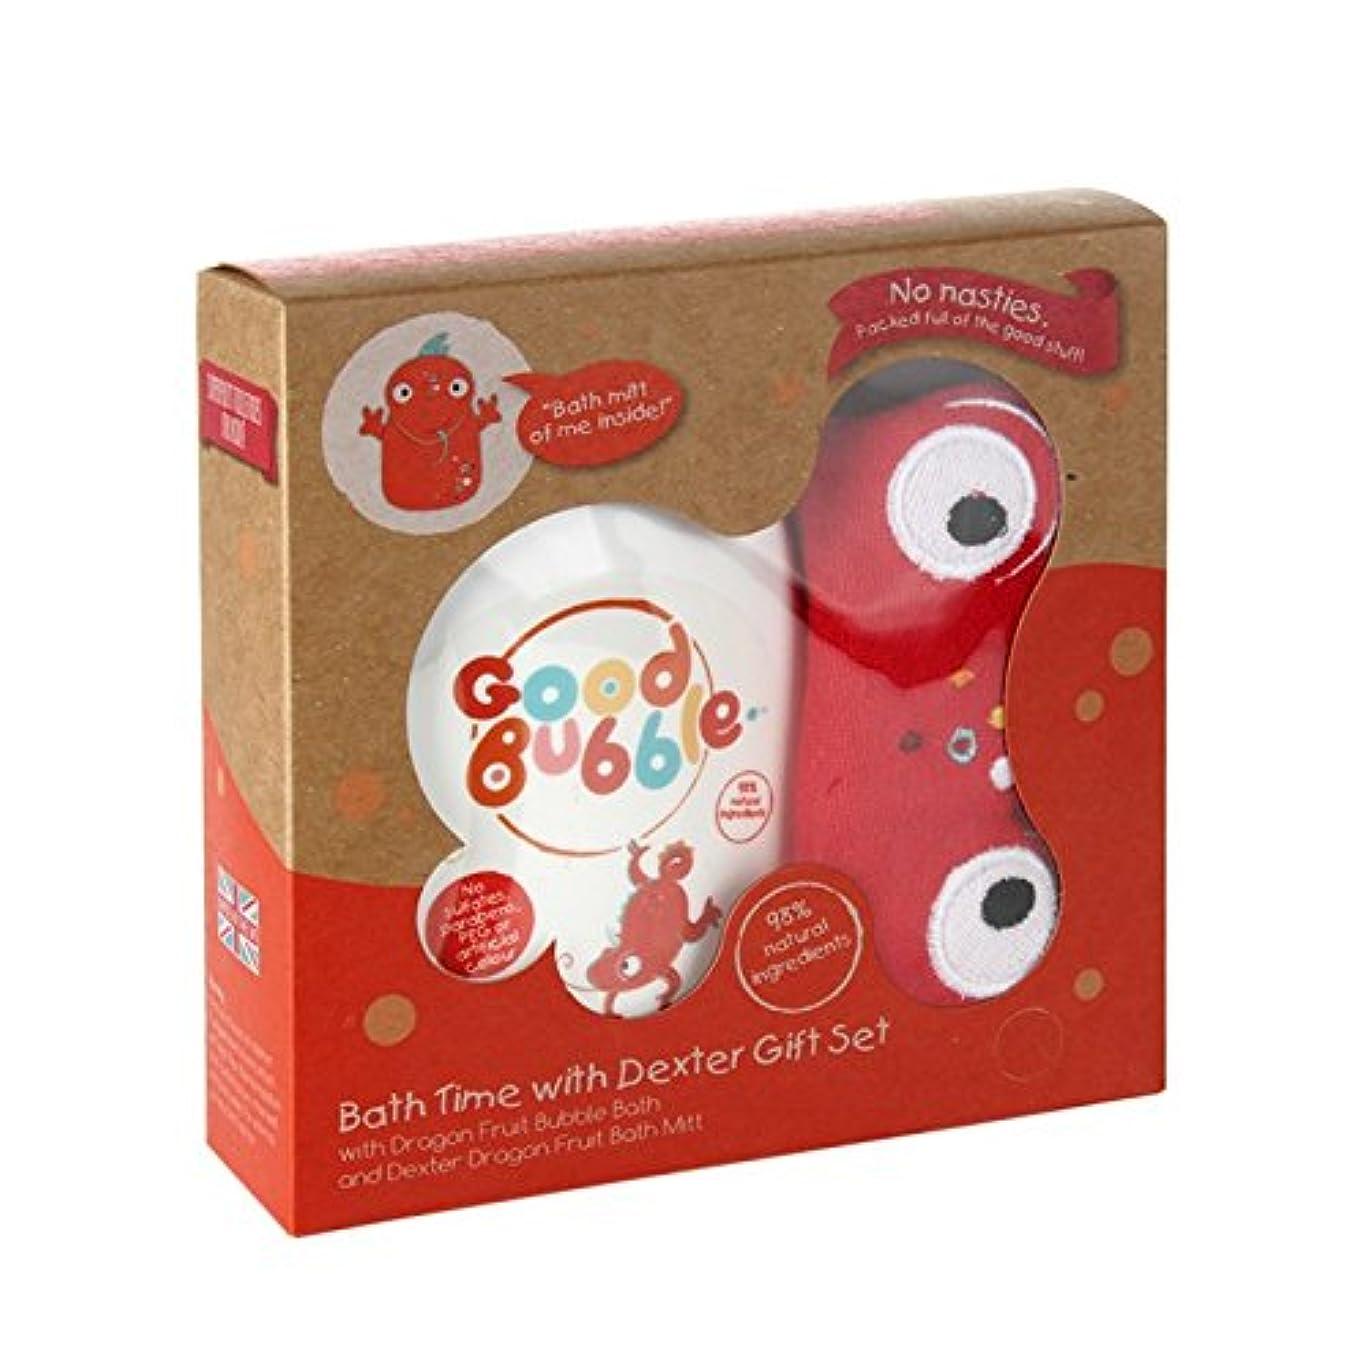 捨てる拳距離良いバブルデクスターDragonfruitギフトセット550グラム - Good Bubble Dexter Dragonfruit Gift Set 550g (Good Bubble) [並行輸入品]